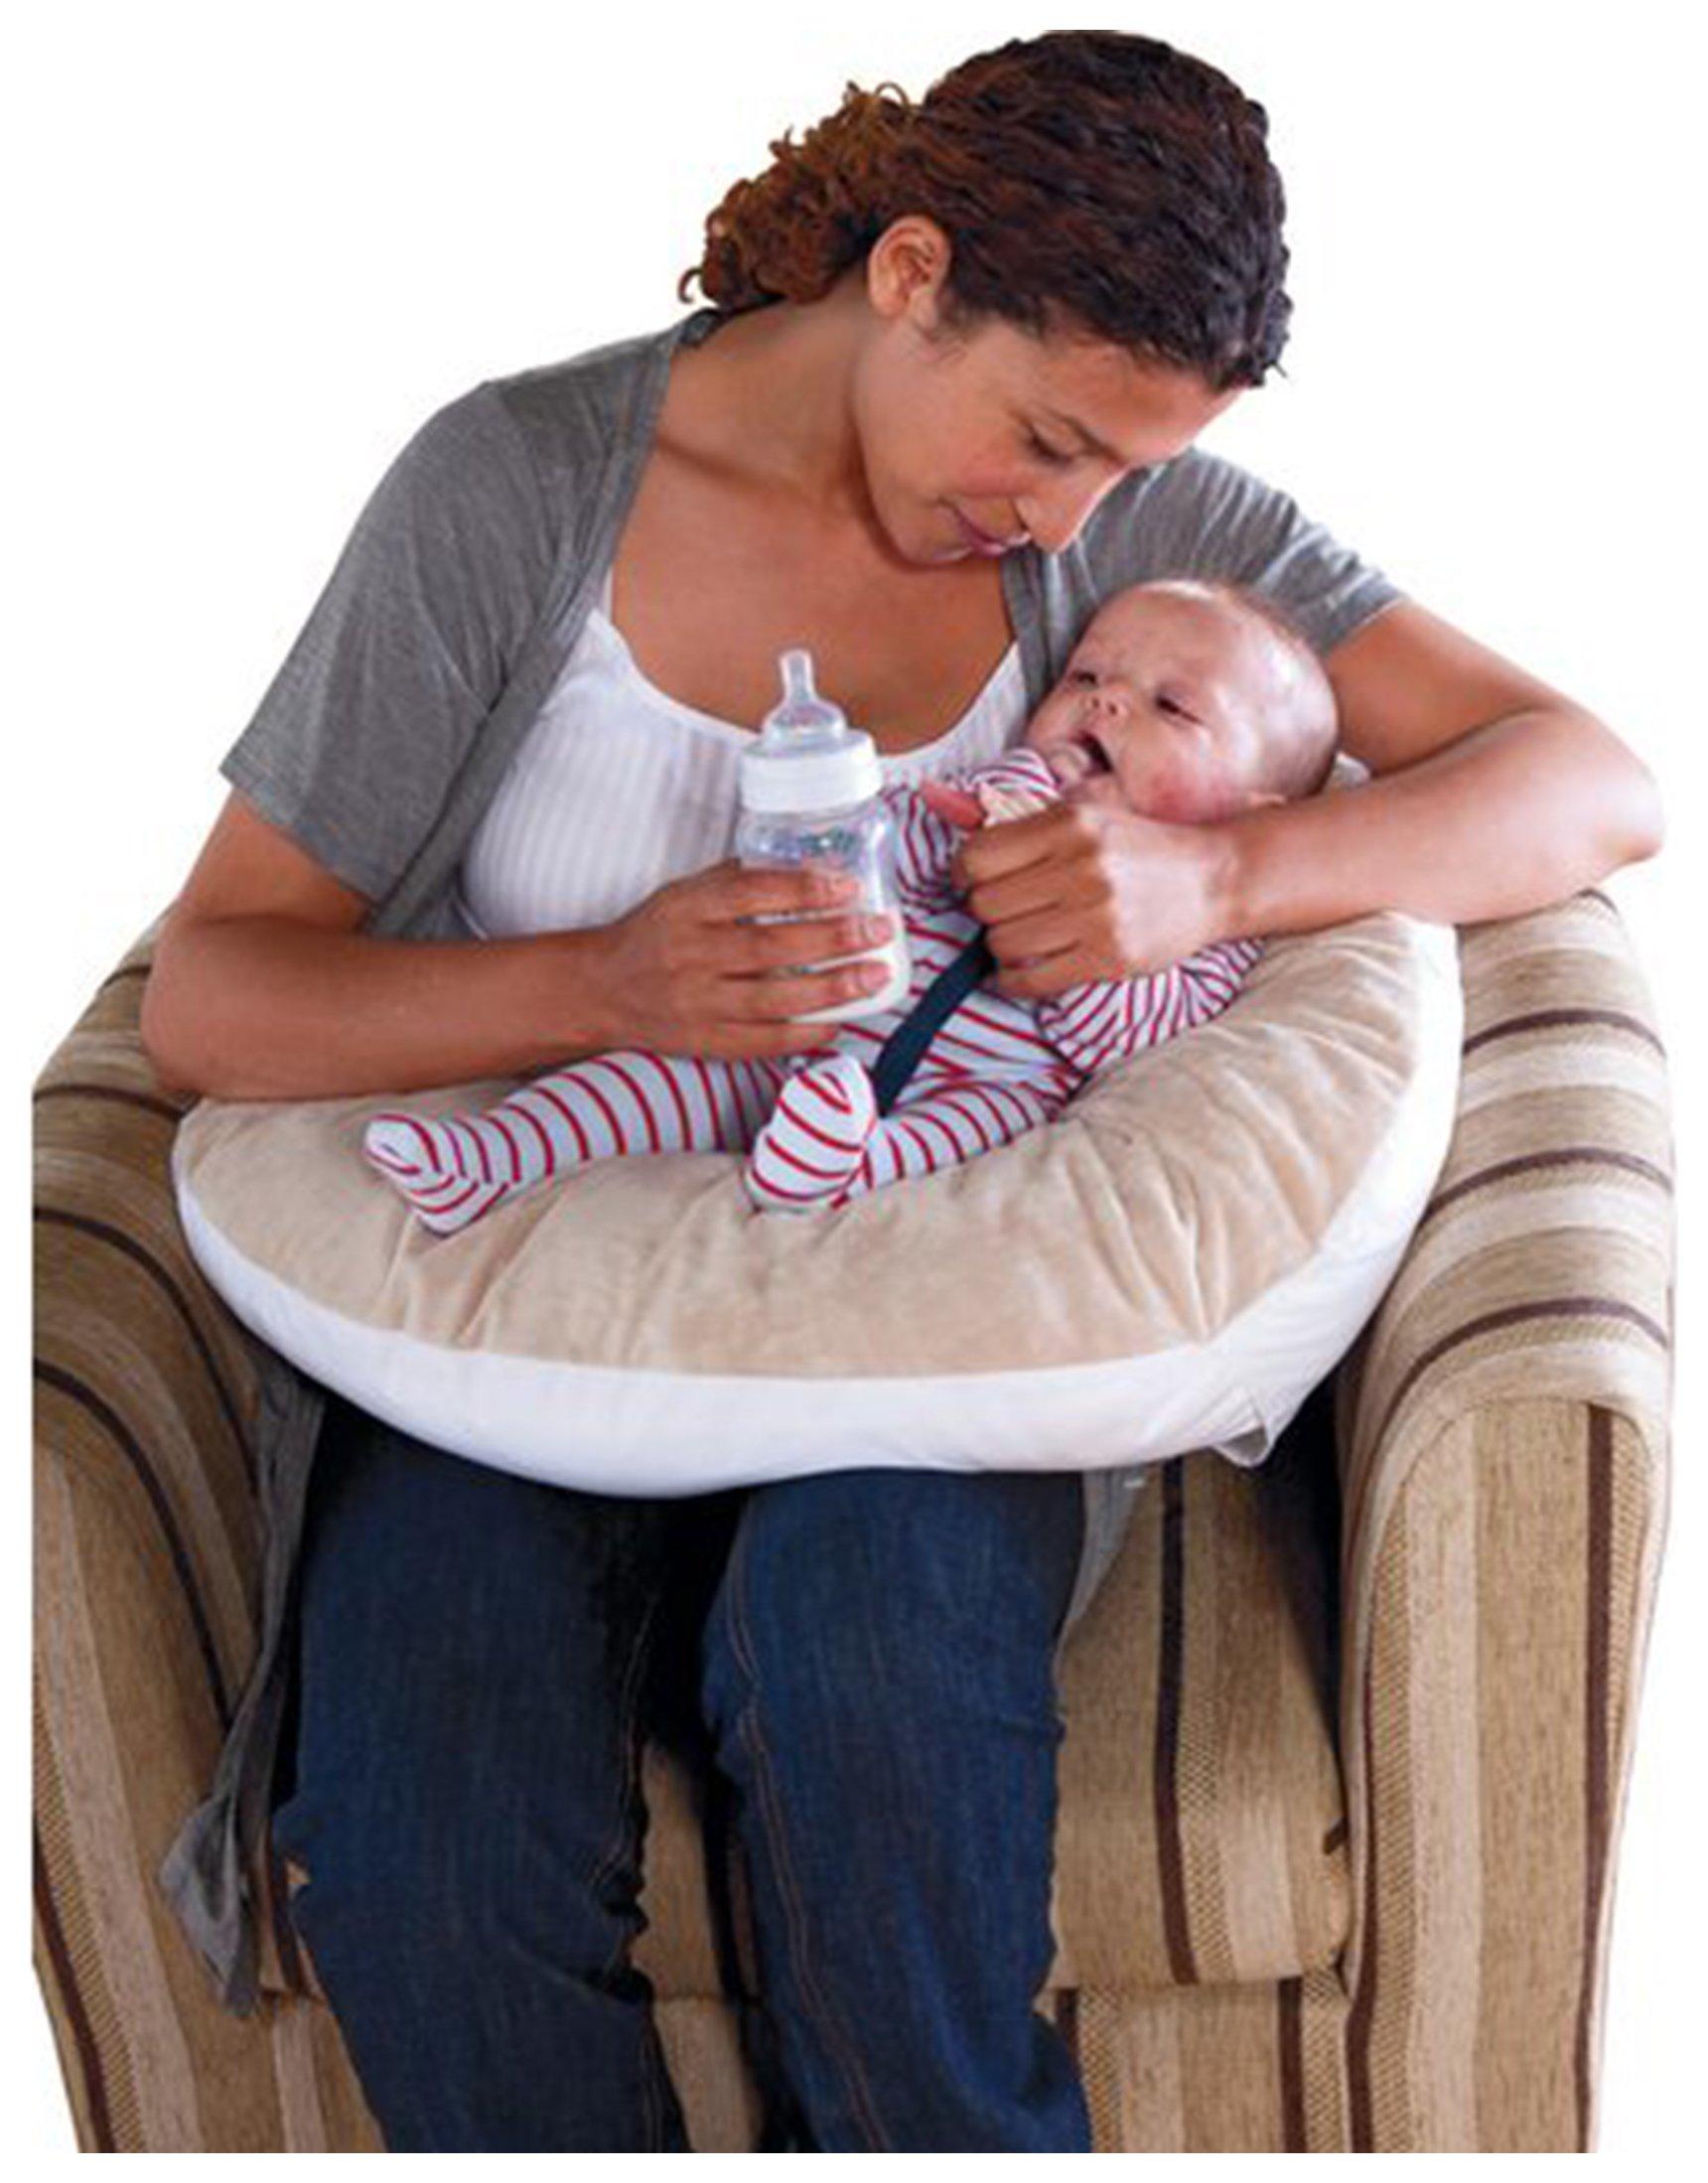 Cuggl Feeding Pillow